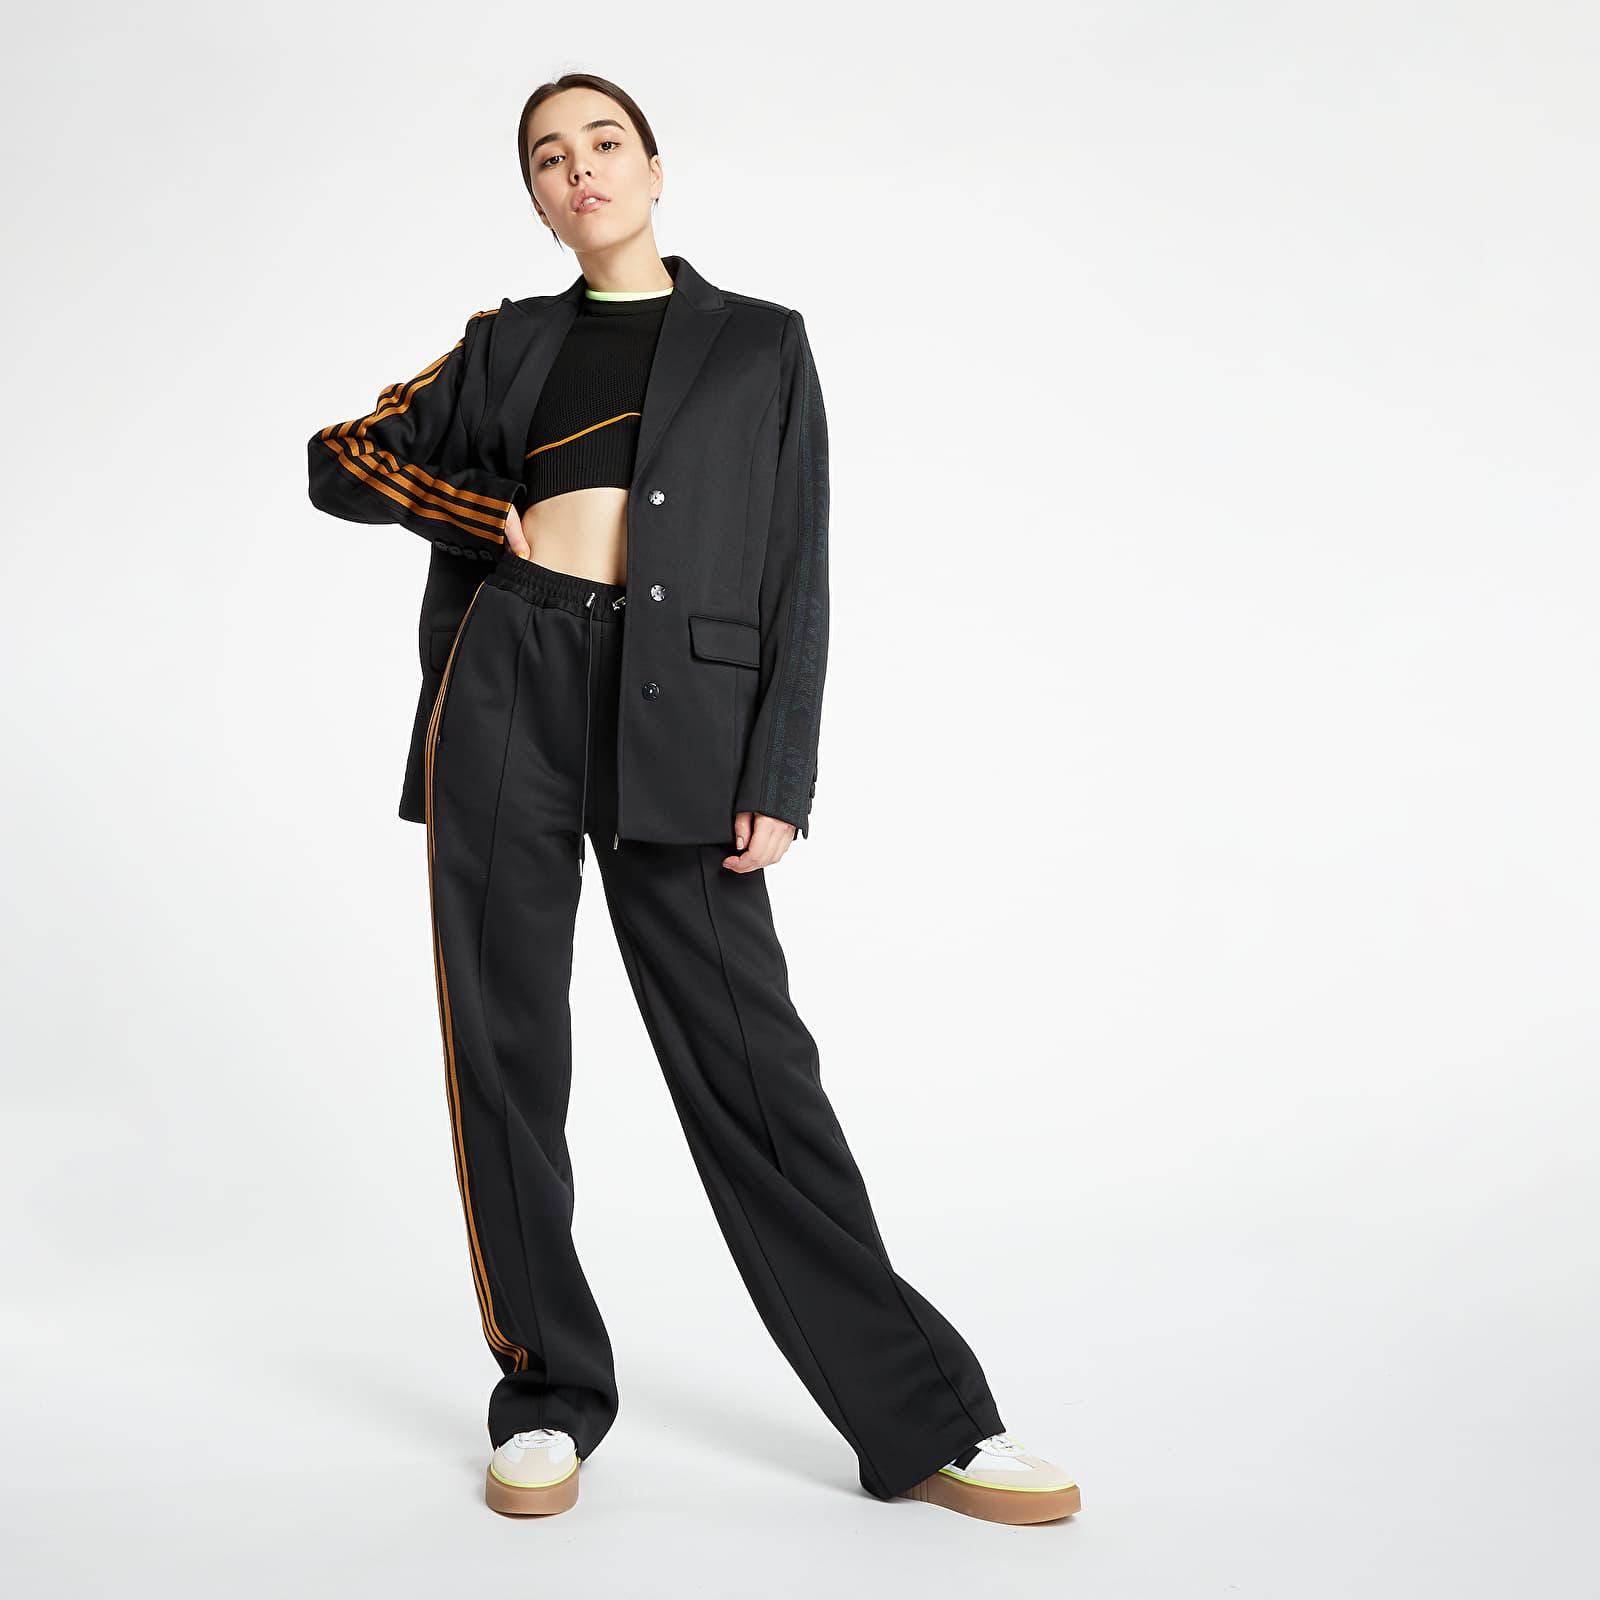 Jackets adidas x Ivy Park Suit Jacket Black/ Mesa